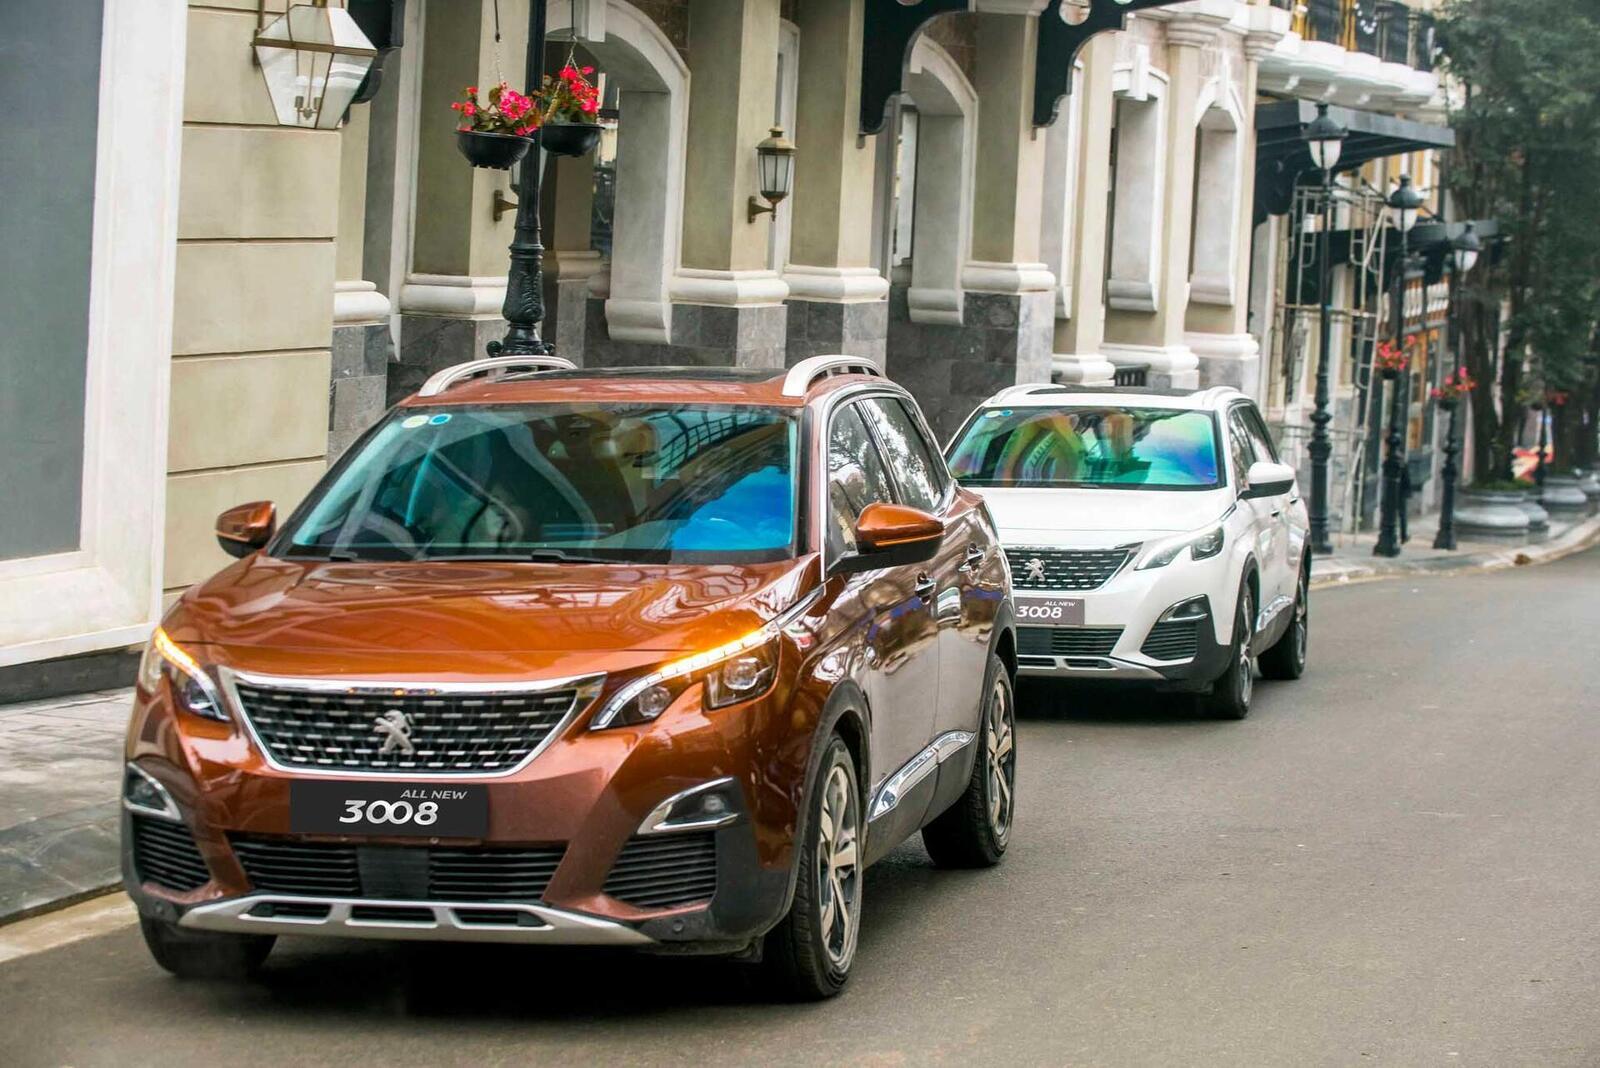 Doanh số tăng trưởng vượt bậc, Peugeot tiếp tục đẩy mạnh ưu đãi dịch vụ hậu mãi - Hình 2